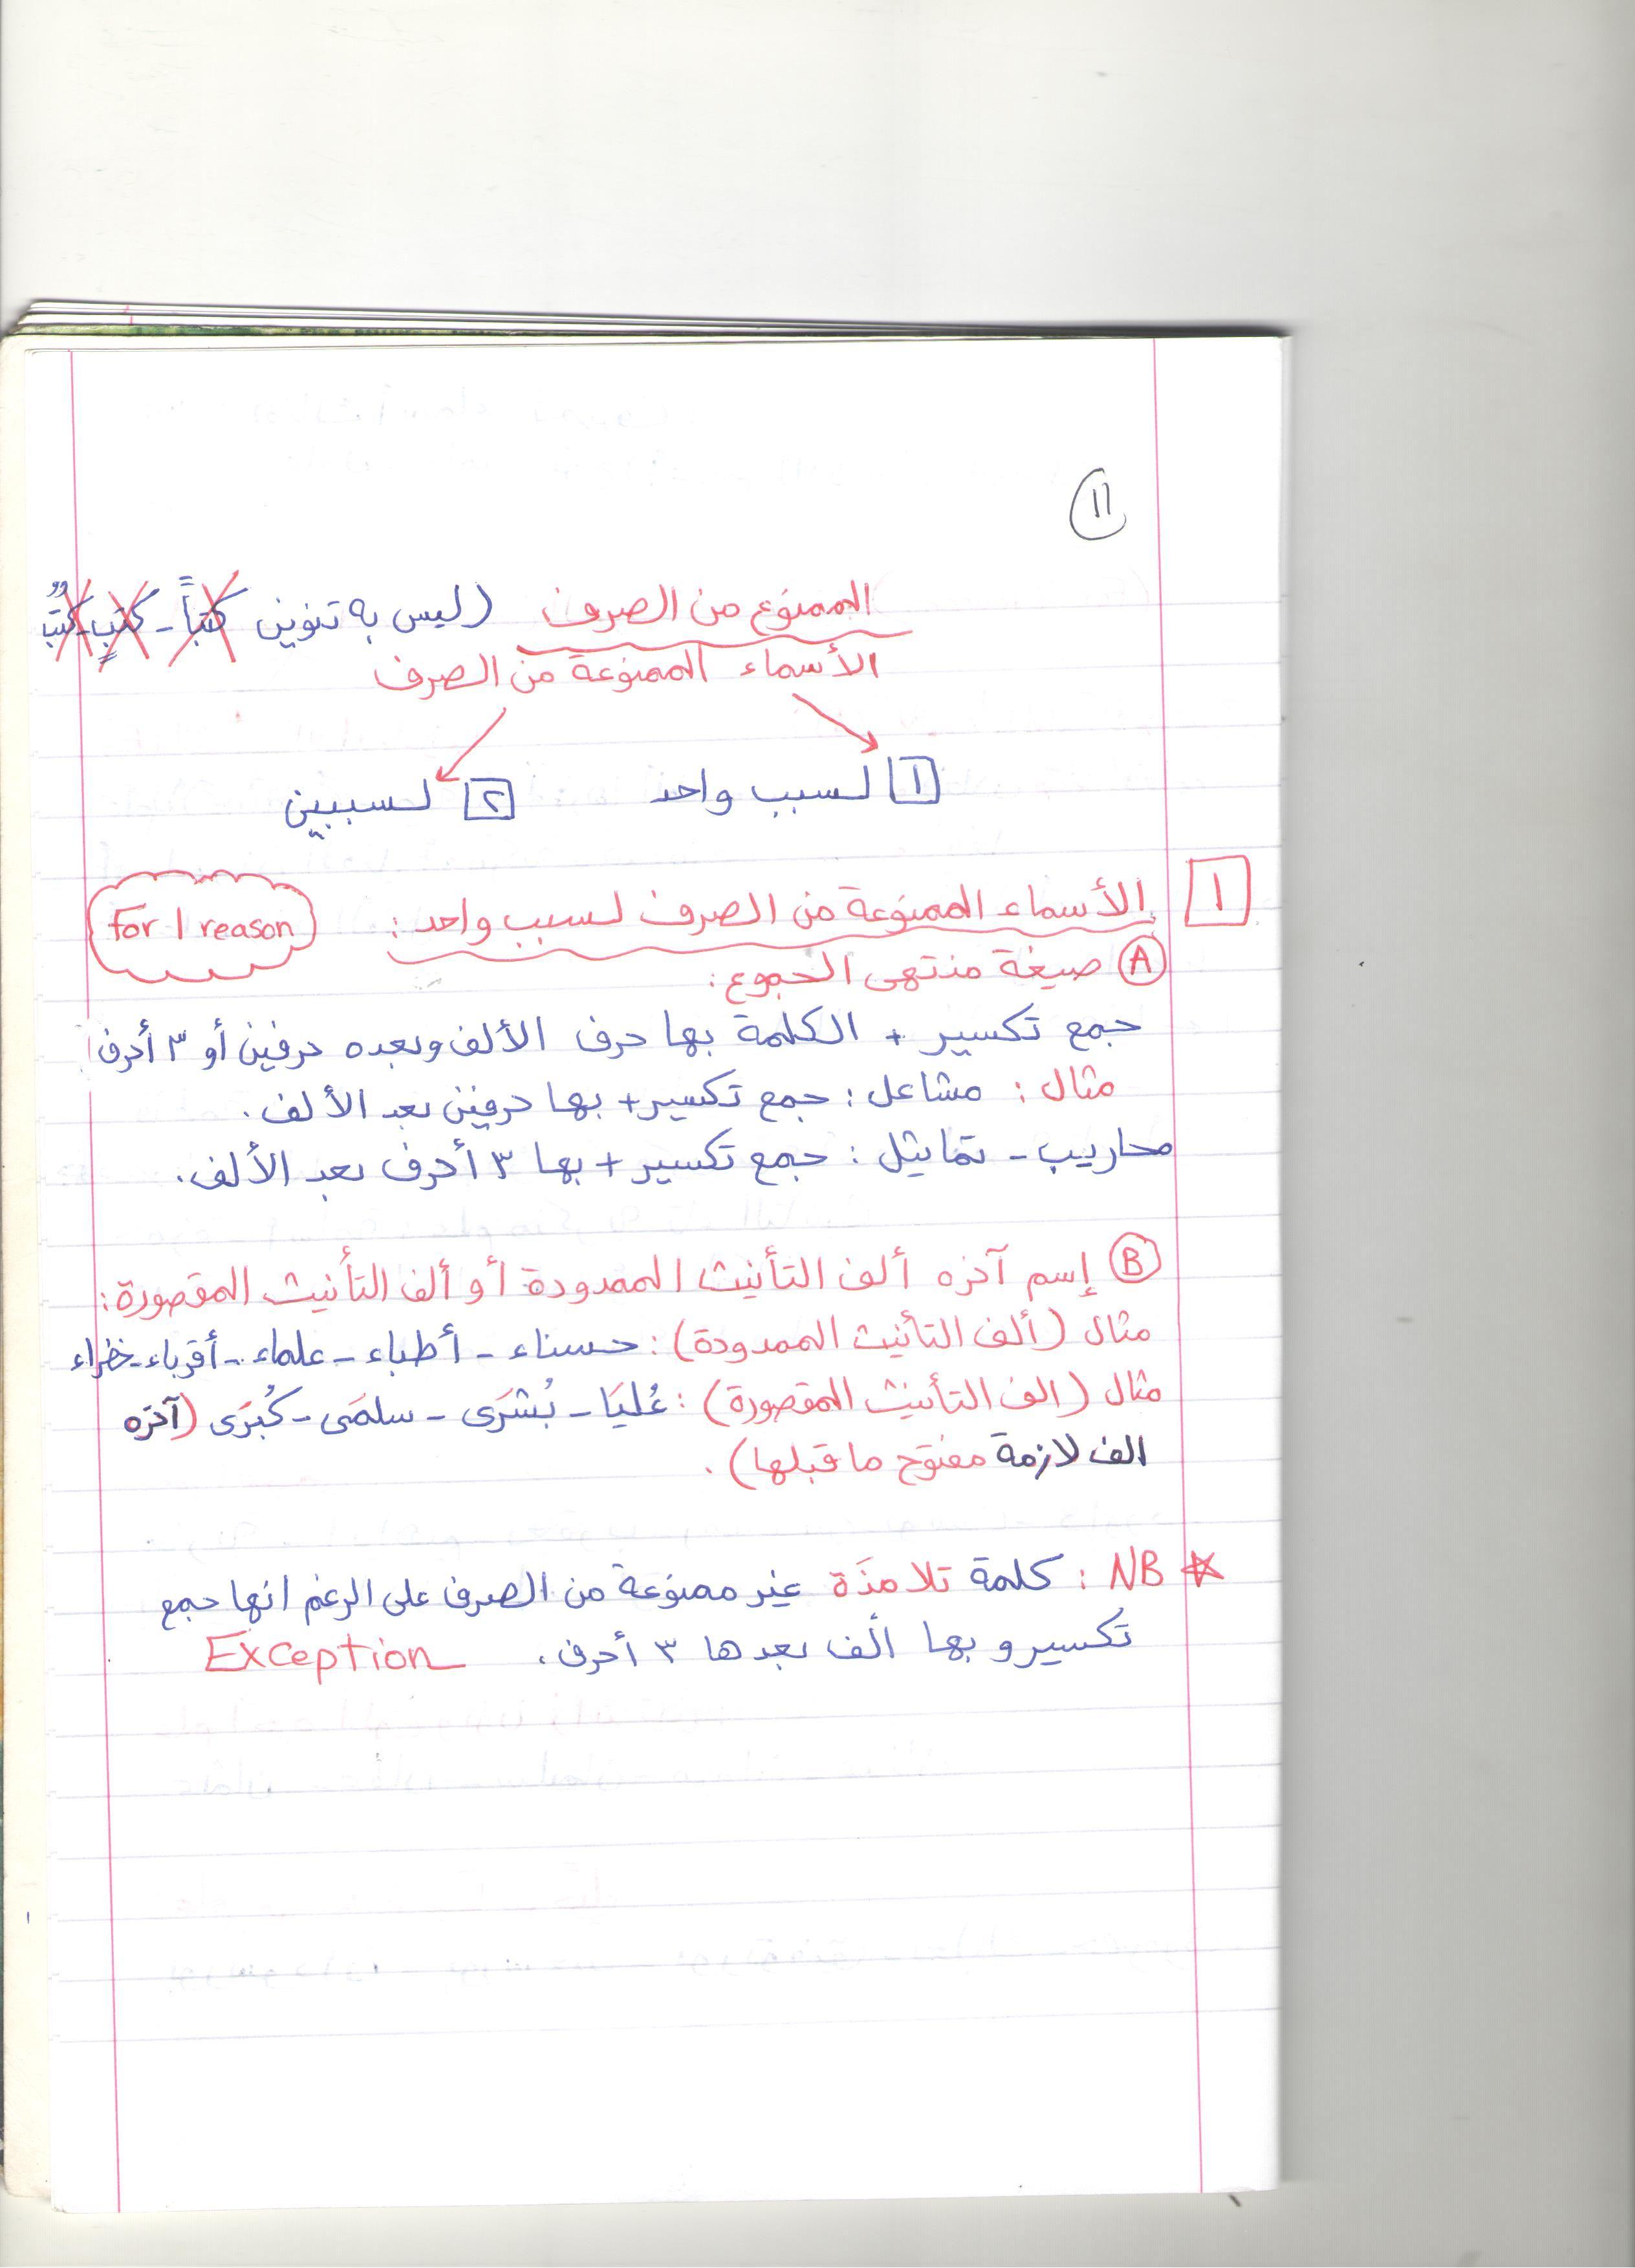 نحو 3 اعدادى 11 23 App Pictures Arabic Language Vogue Men